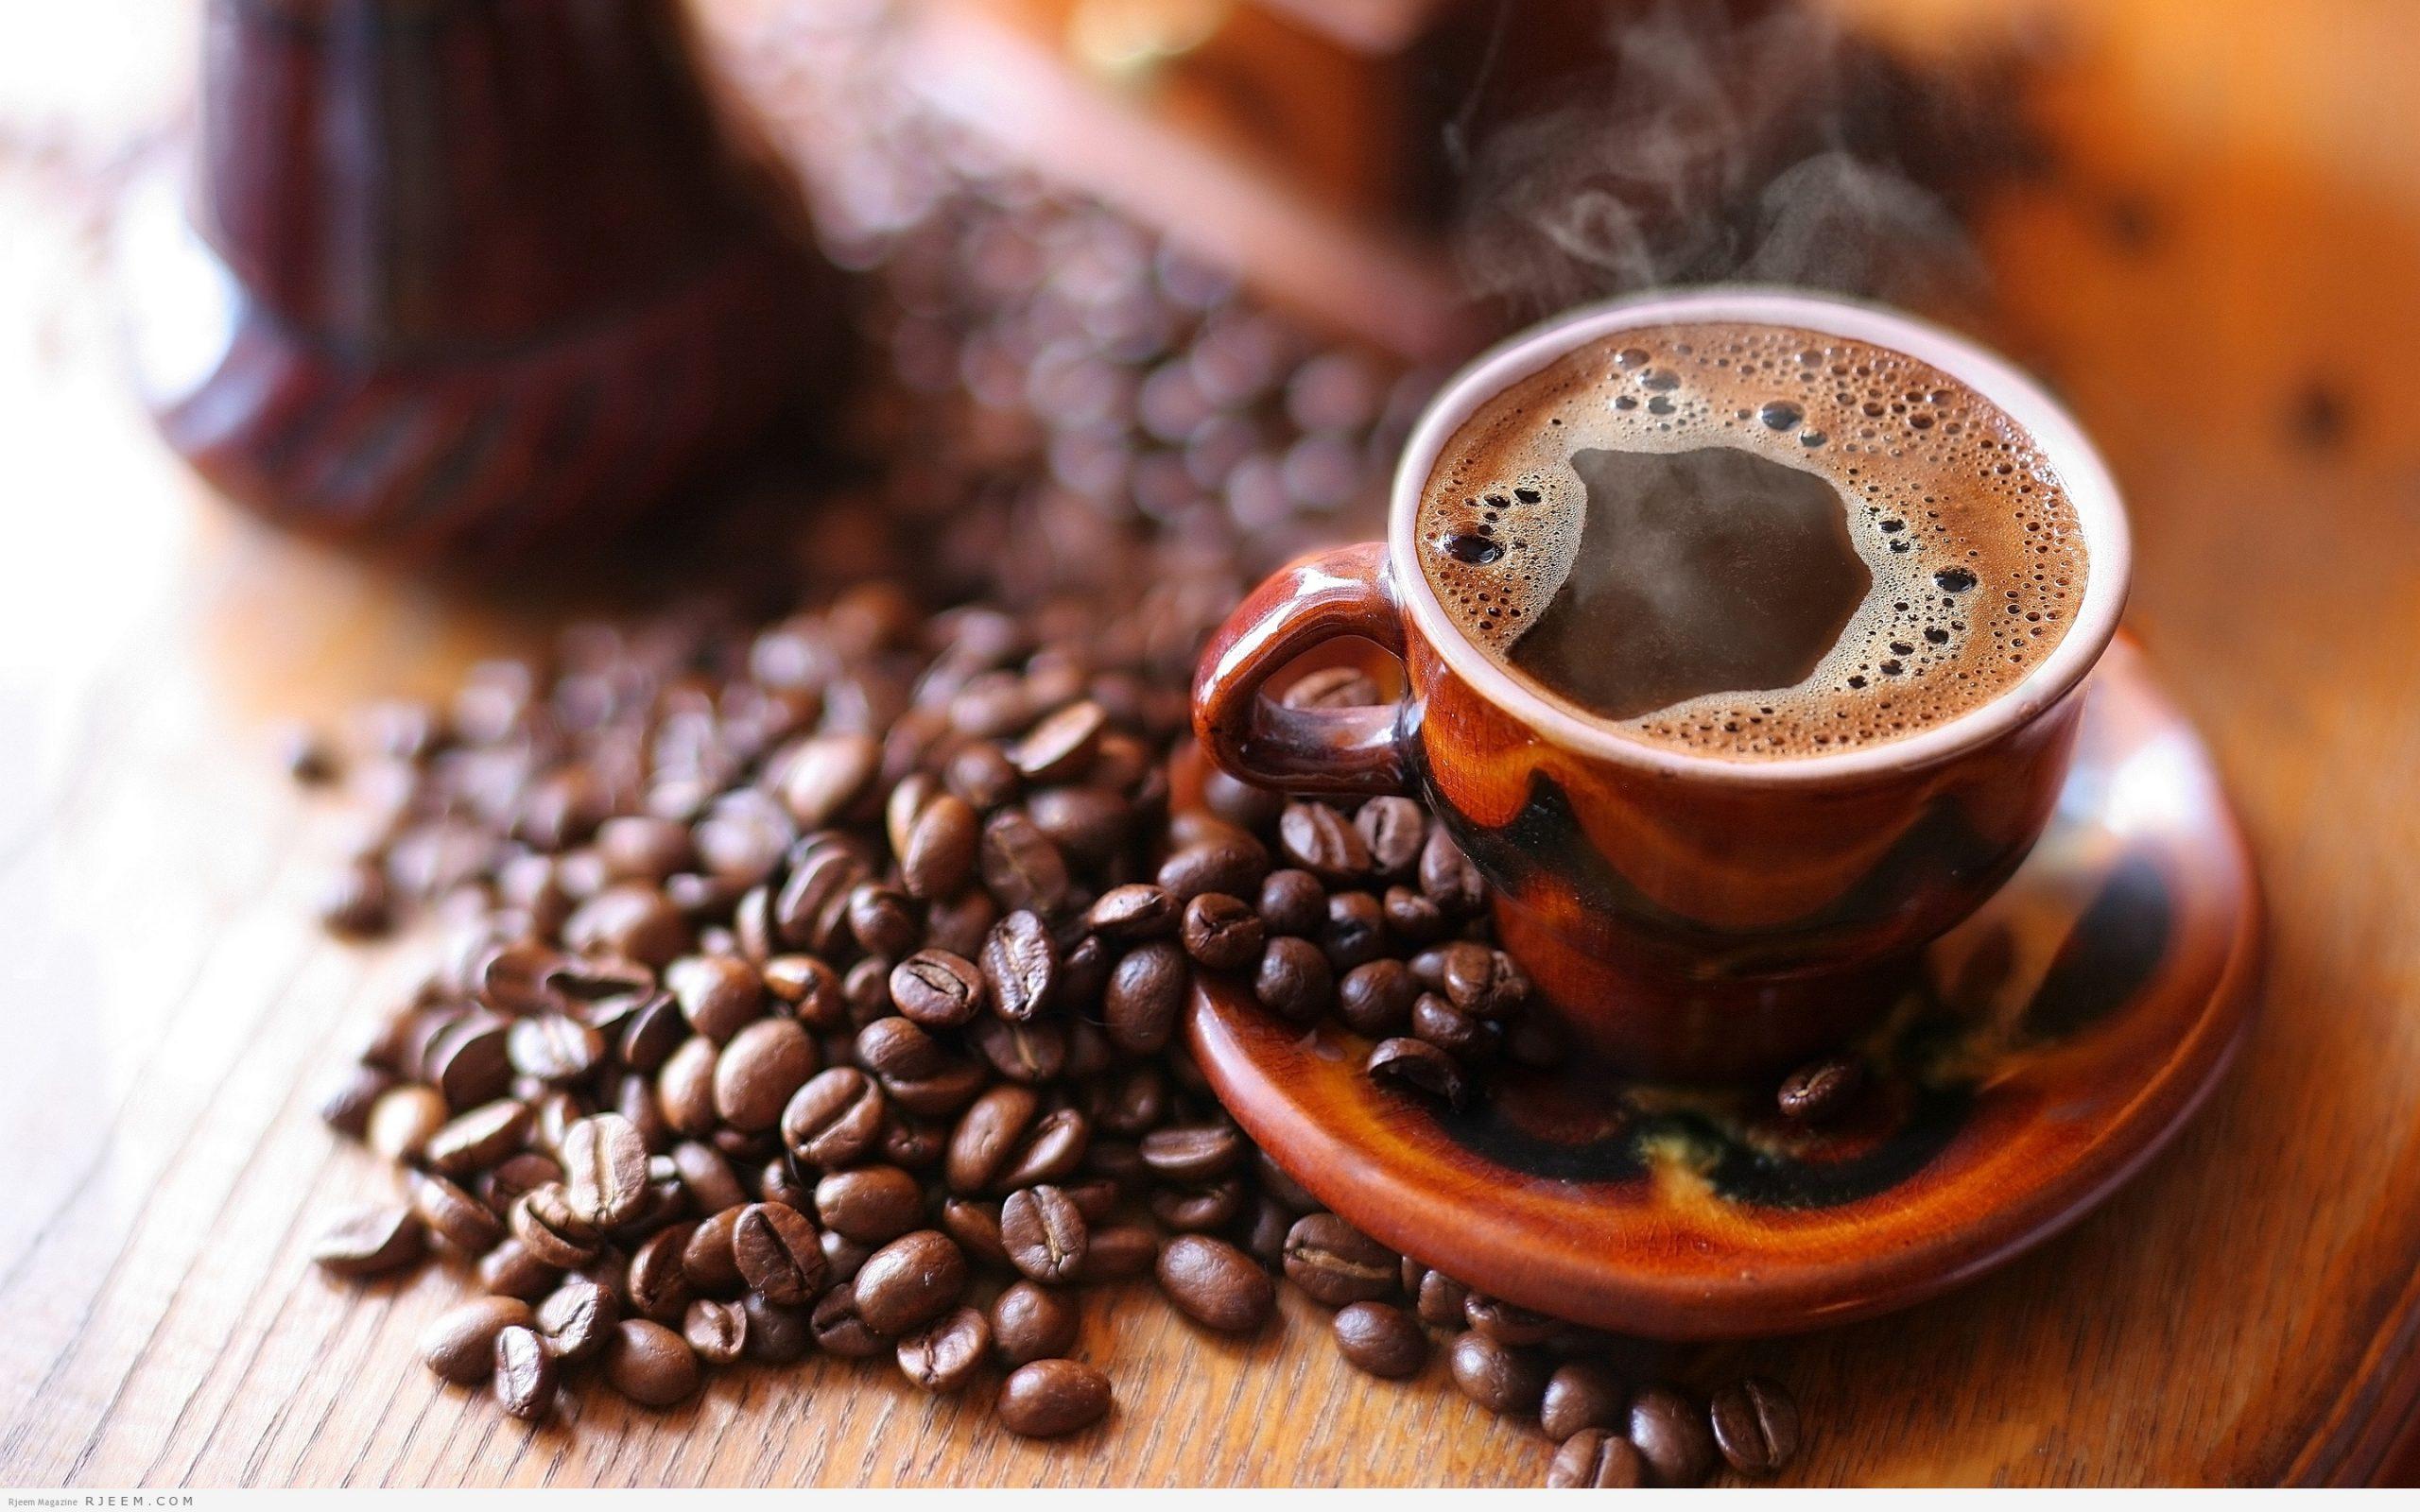 فوائد القهوة للصحة العامة